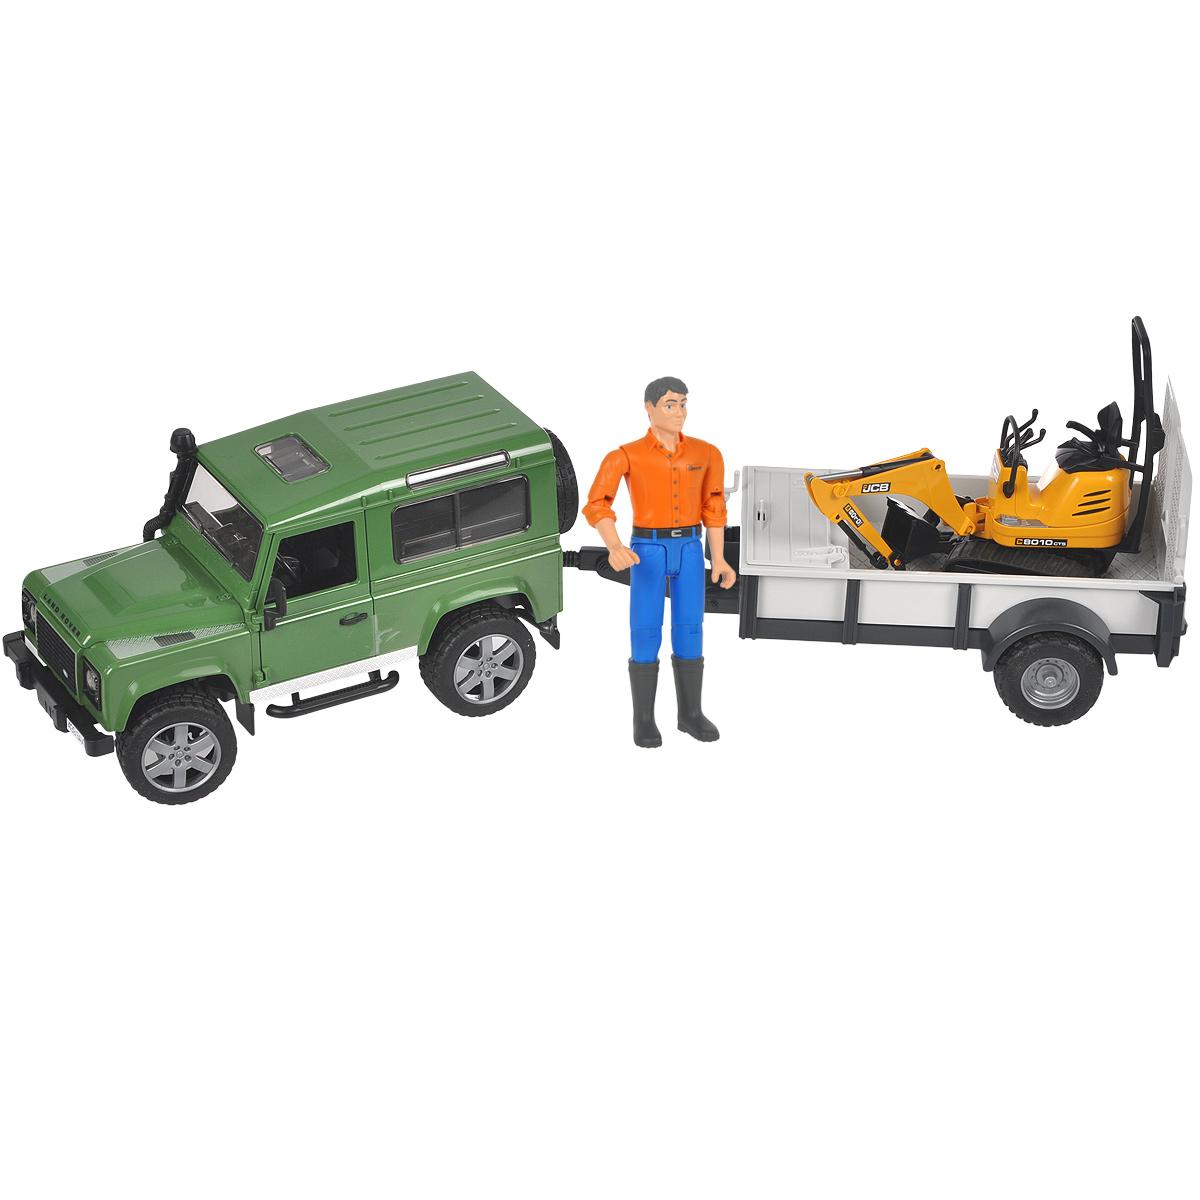 Bruder Внедорожник Land Rover Defender c прицепом и мини-экскаватором экскаватор fiat bruder